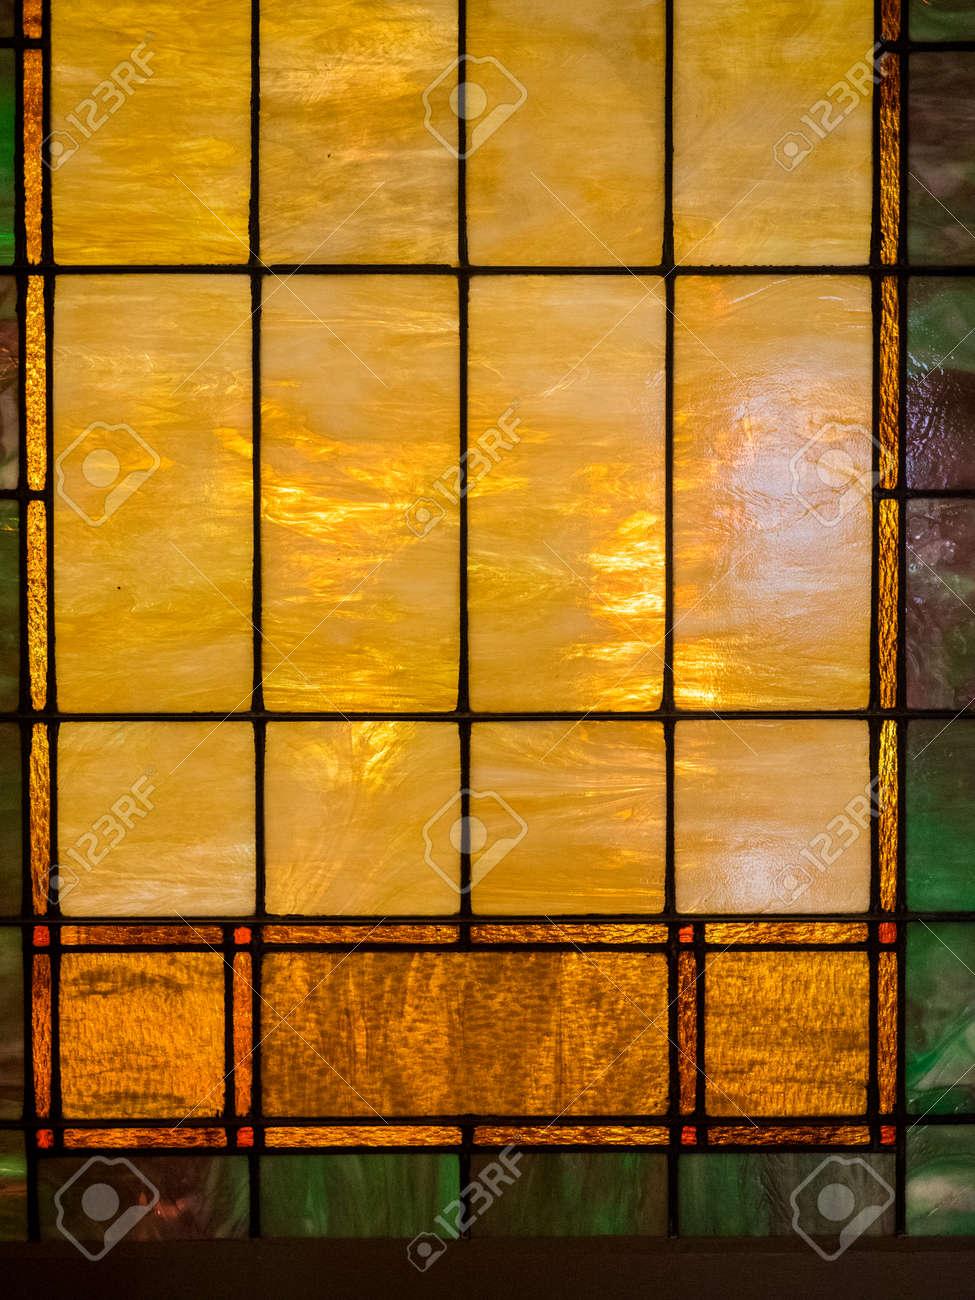 Ventana De Cristal De Color Amarillo Y Marrón Manchada Con Un Poco ...